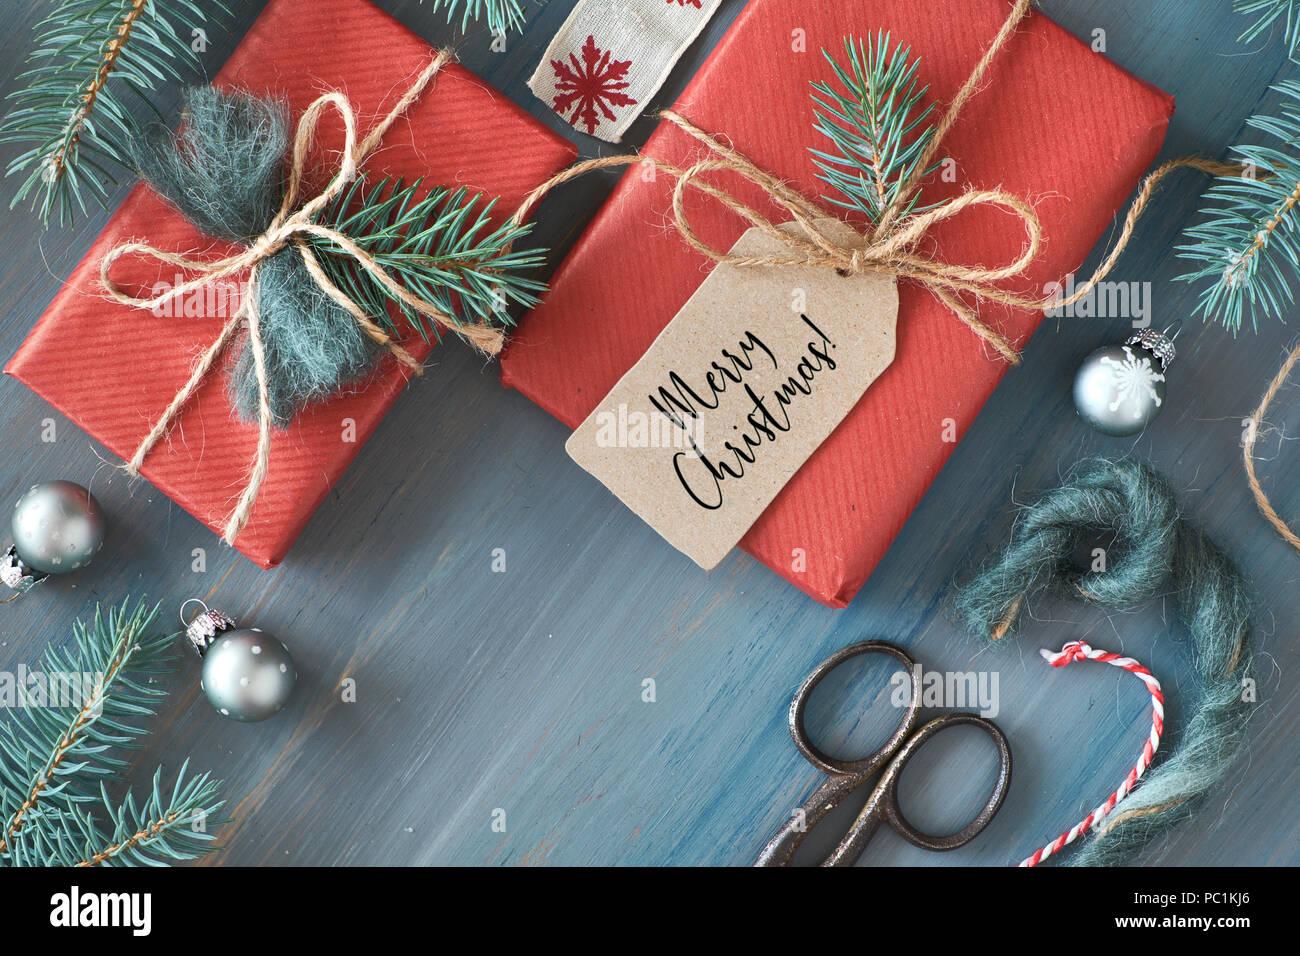 Regali Di Natale Di Carta.In Legno Rustico Sfondo Con Rami Di Abete E Regali Di Natale